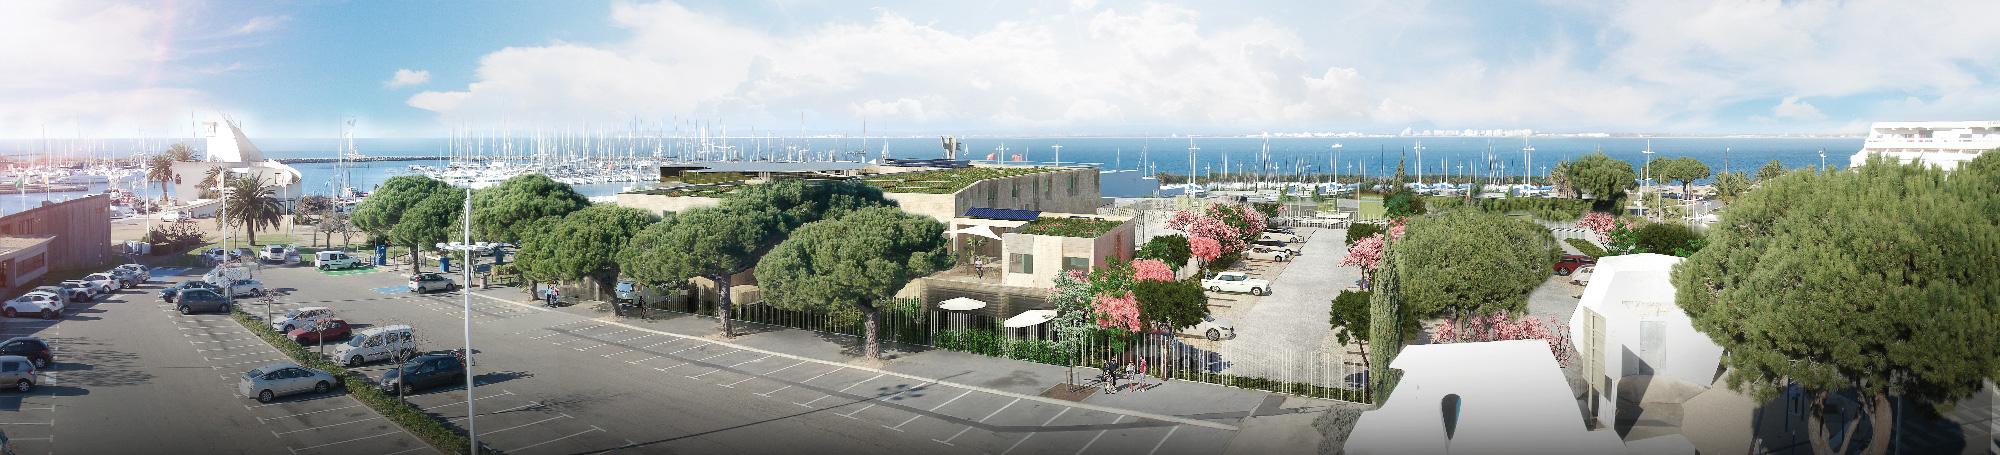 Perspective pour le projet de réhabilitation et d'extension de l'Ecole de mer de Port Camargue - TAUTEM Architecture - vue aérienne